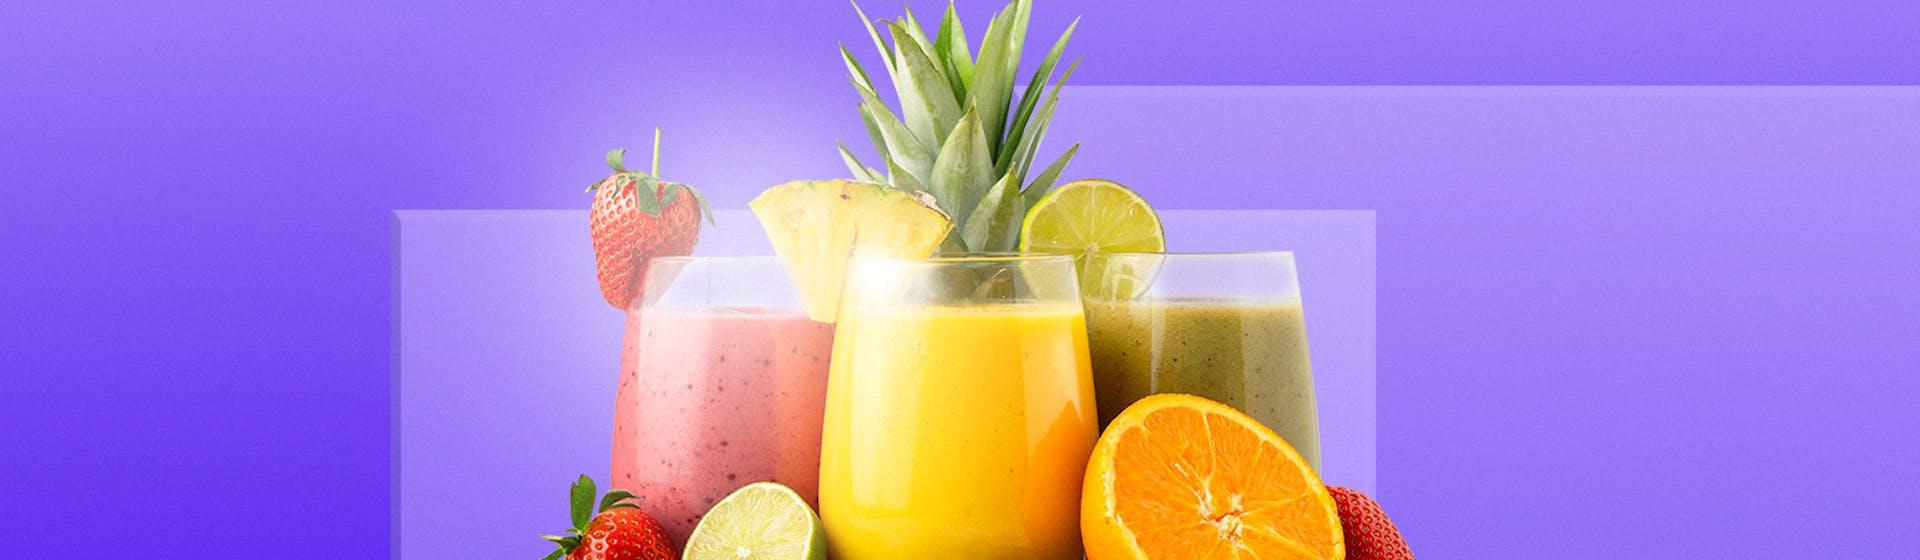 Guía práctica para la preparación de jugos de fruta que tu cuerpo y mente agradecerán